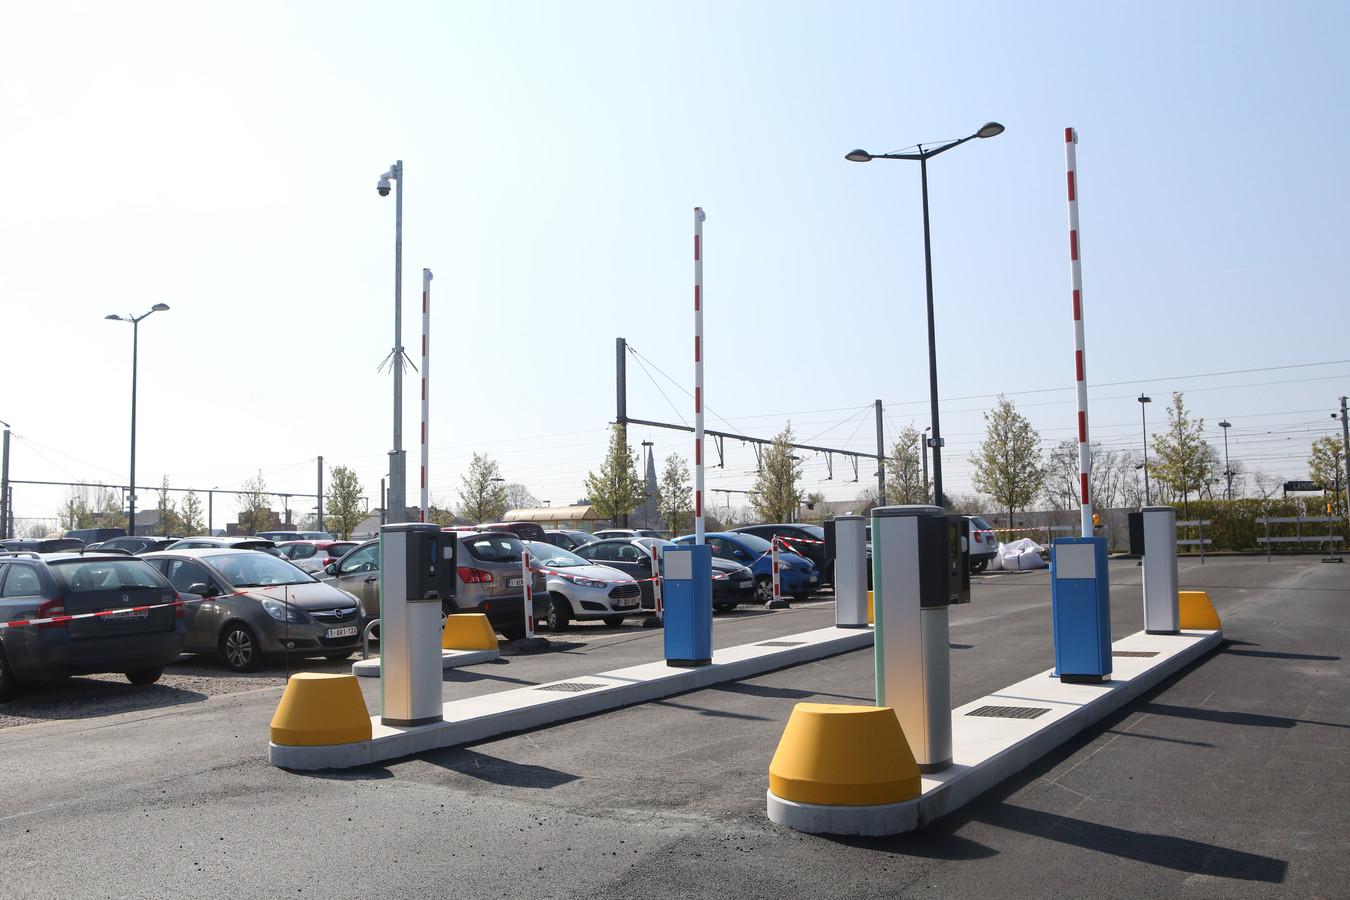 De parking van het station van Landen wordt betalend.